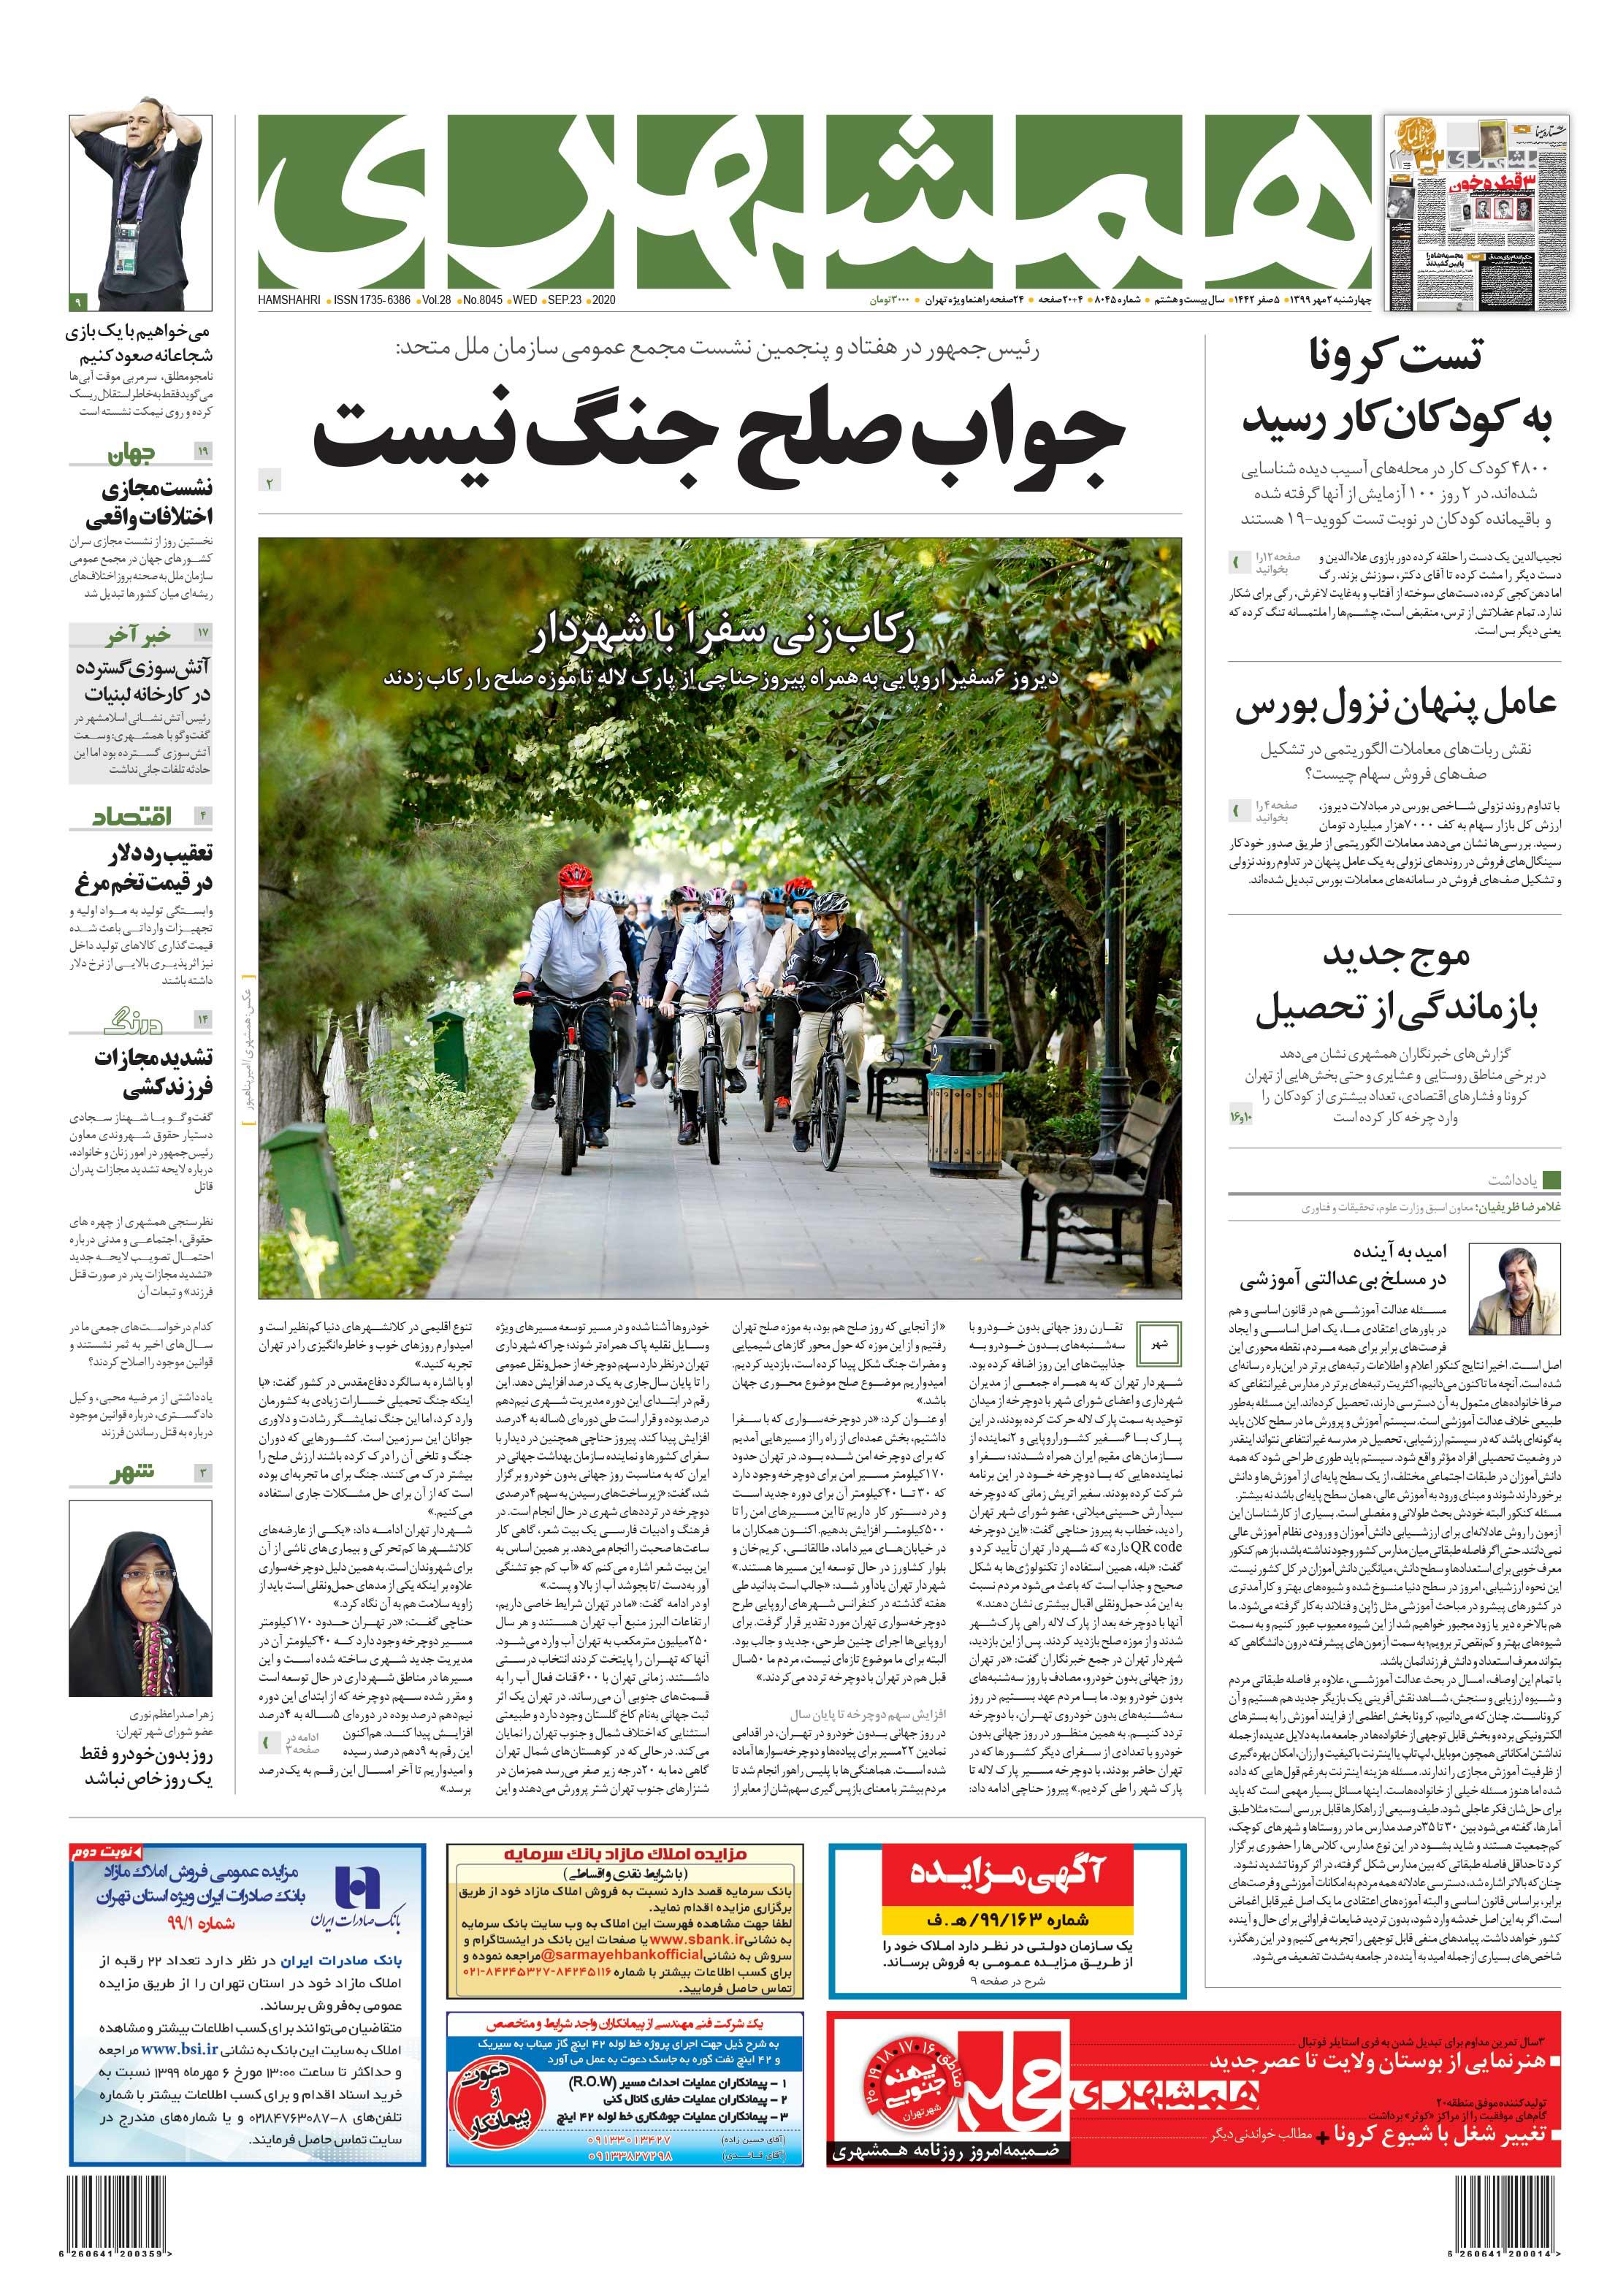 صفحه اول چهارشنبه 2 مهر 1399